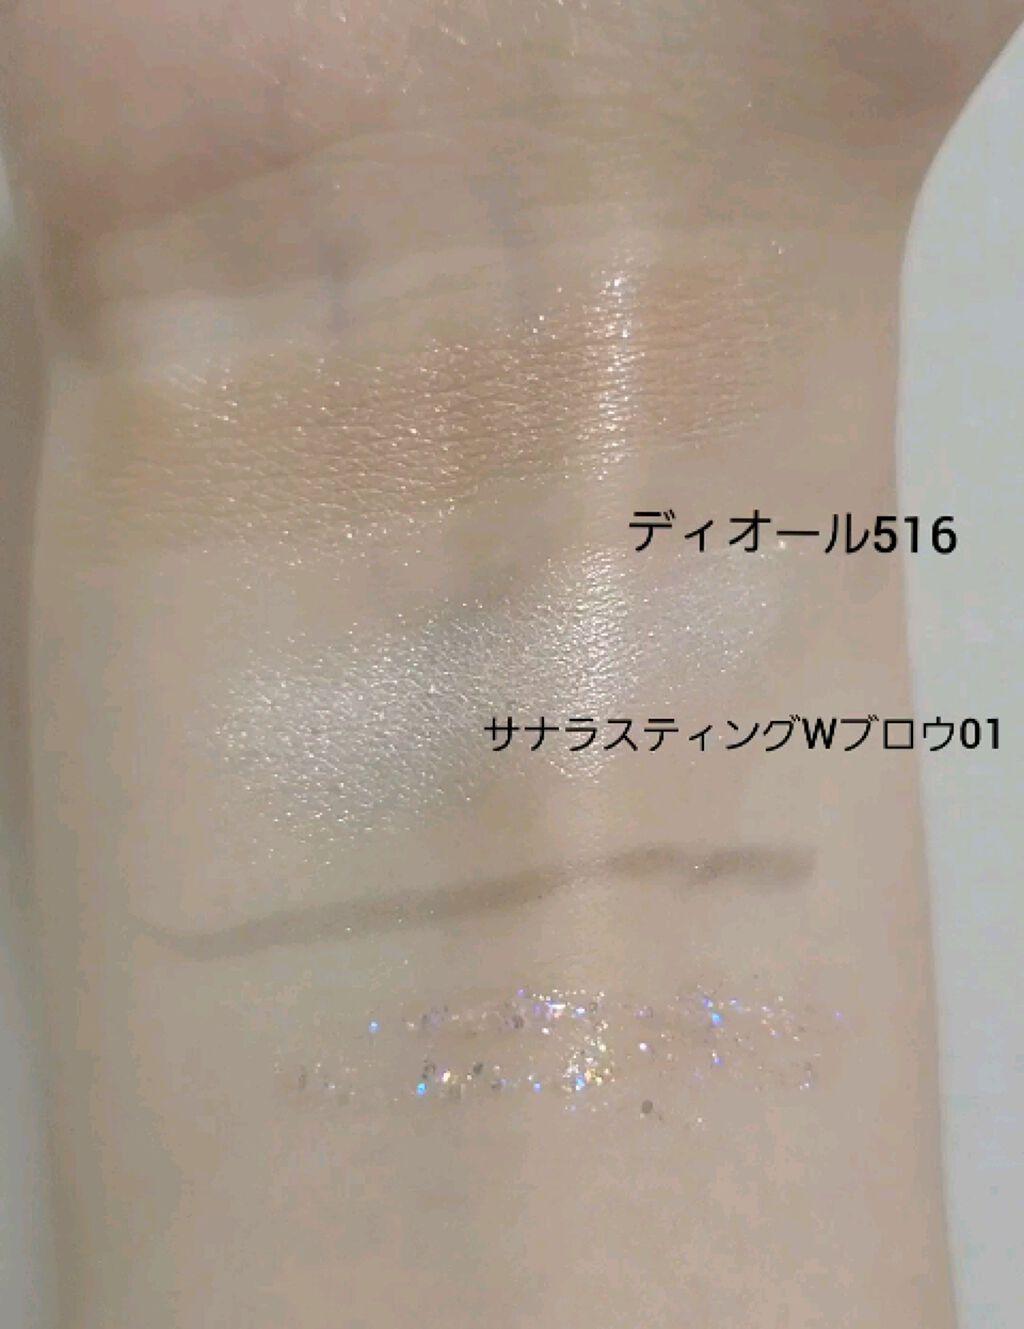 ディオールショウ モノ/Dior/パウダーアイシャドウを使ったクチコミ(4枚目)